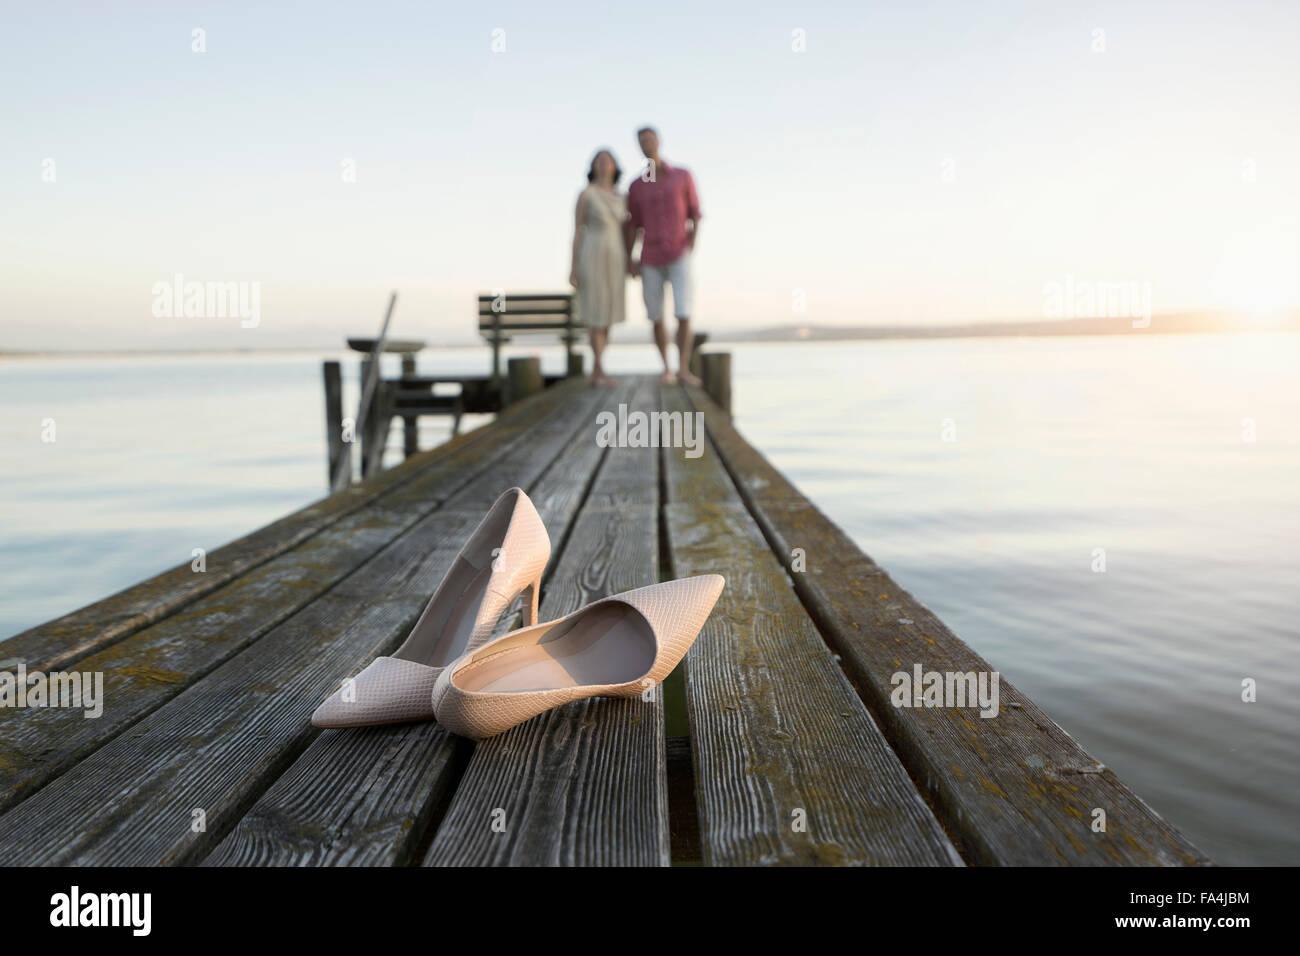 Avec souliers mature couple standing on pier, Bavière, Allemagne Photo Stock